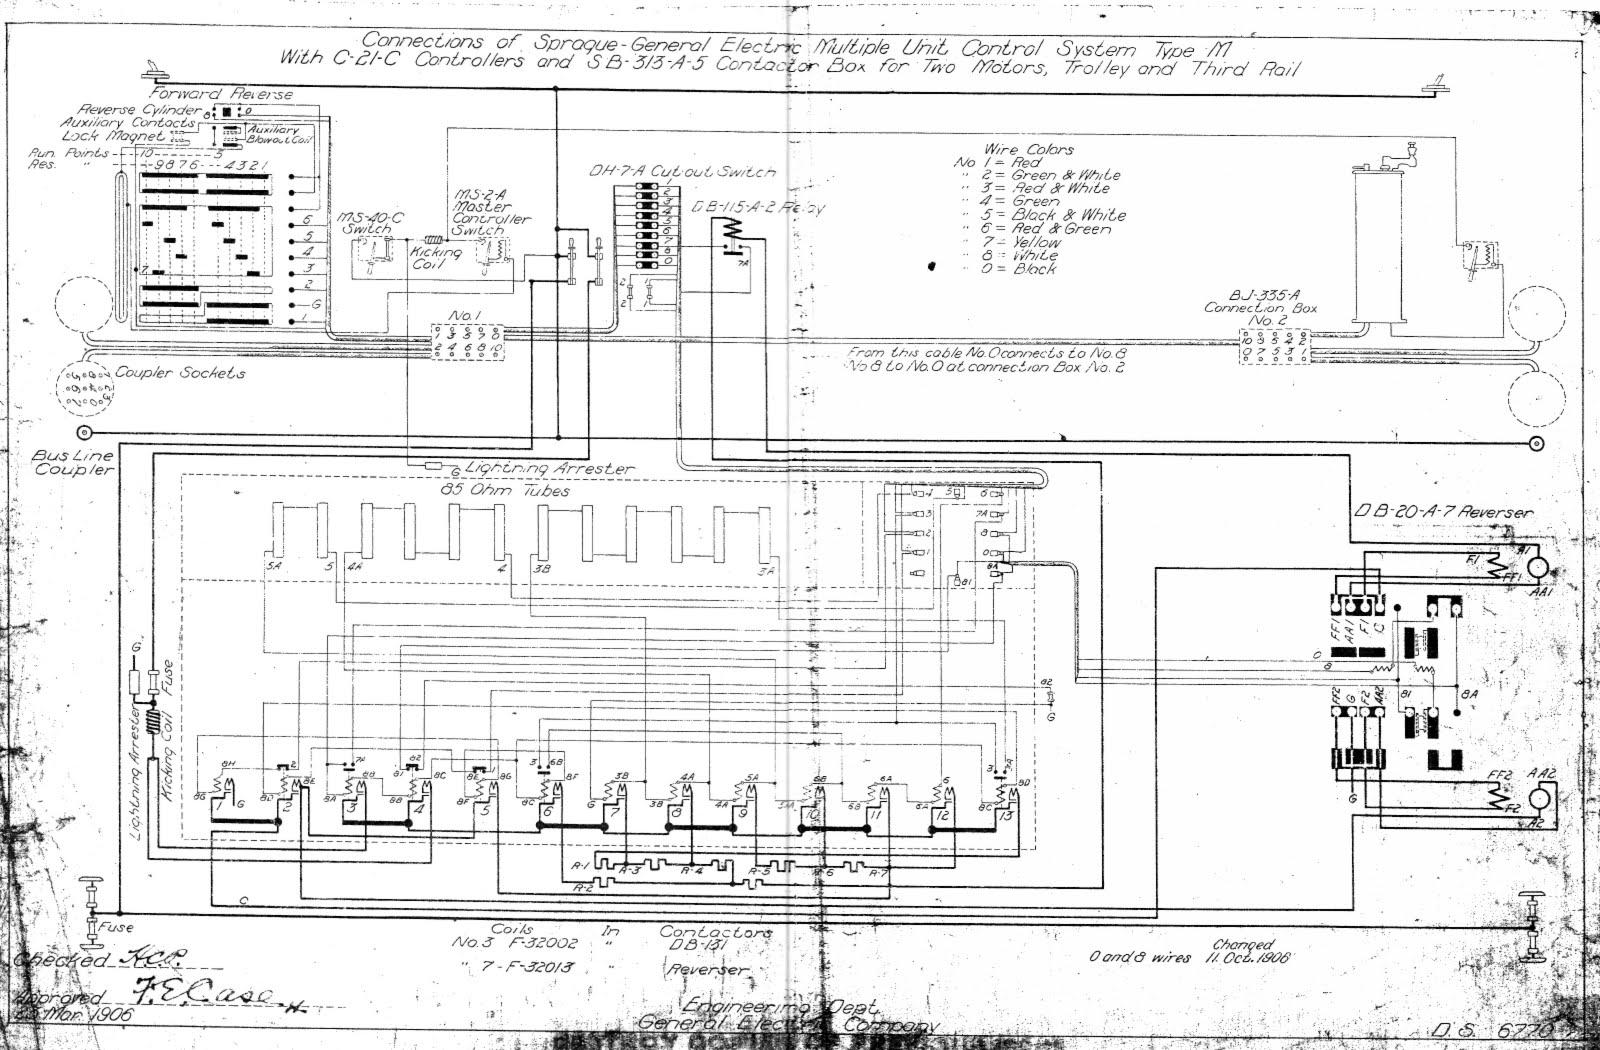 medium resolution of 2000 gmc dash wiring schematics electrical wiring diagrams 2003 chevy trailblazer wiring schematic 2003 gmc sierra